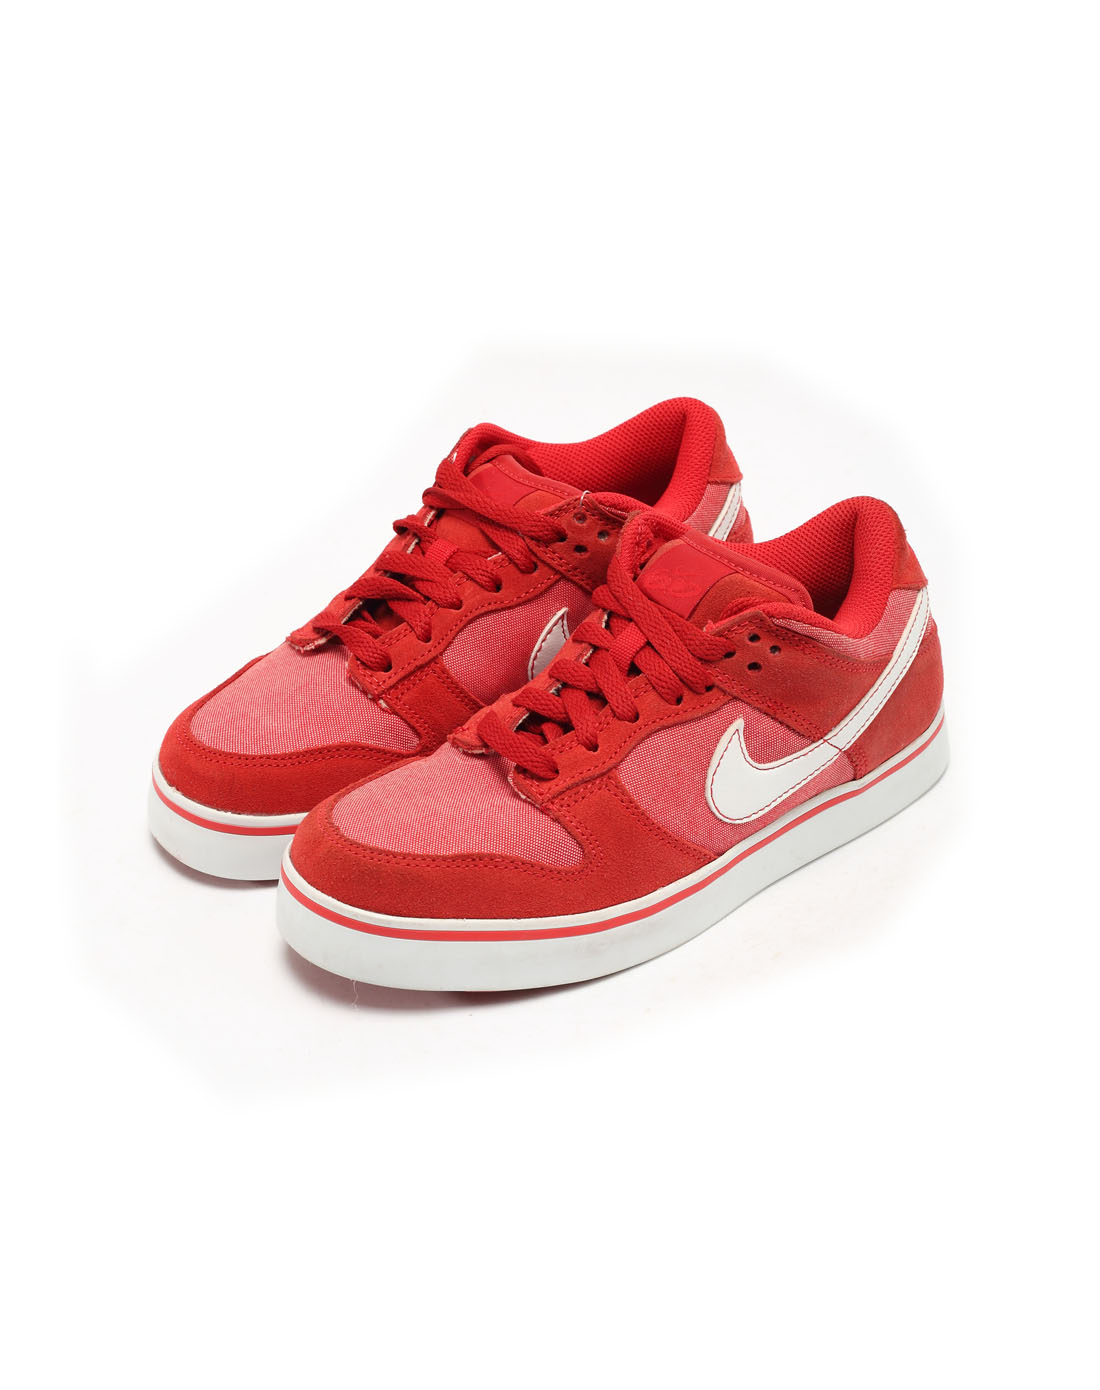 耐克nike女子红色复古鞋409398-600